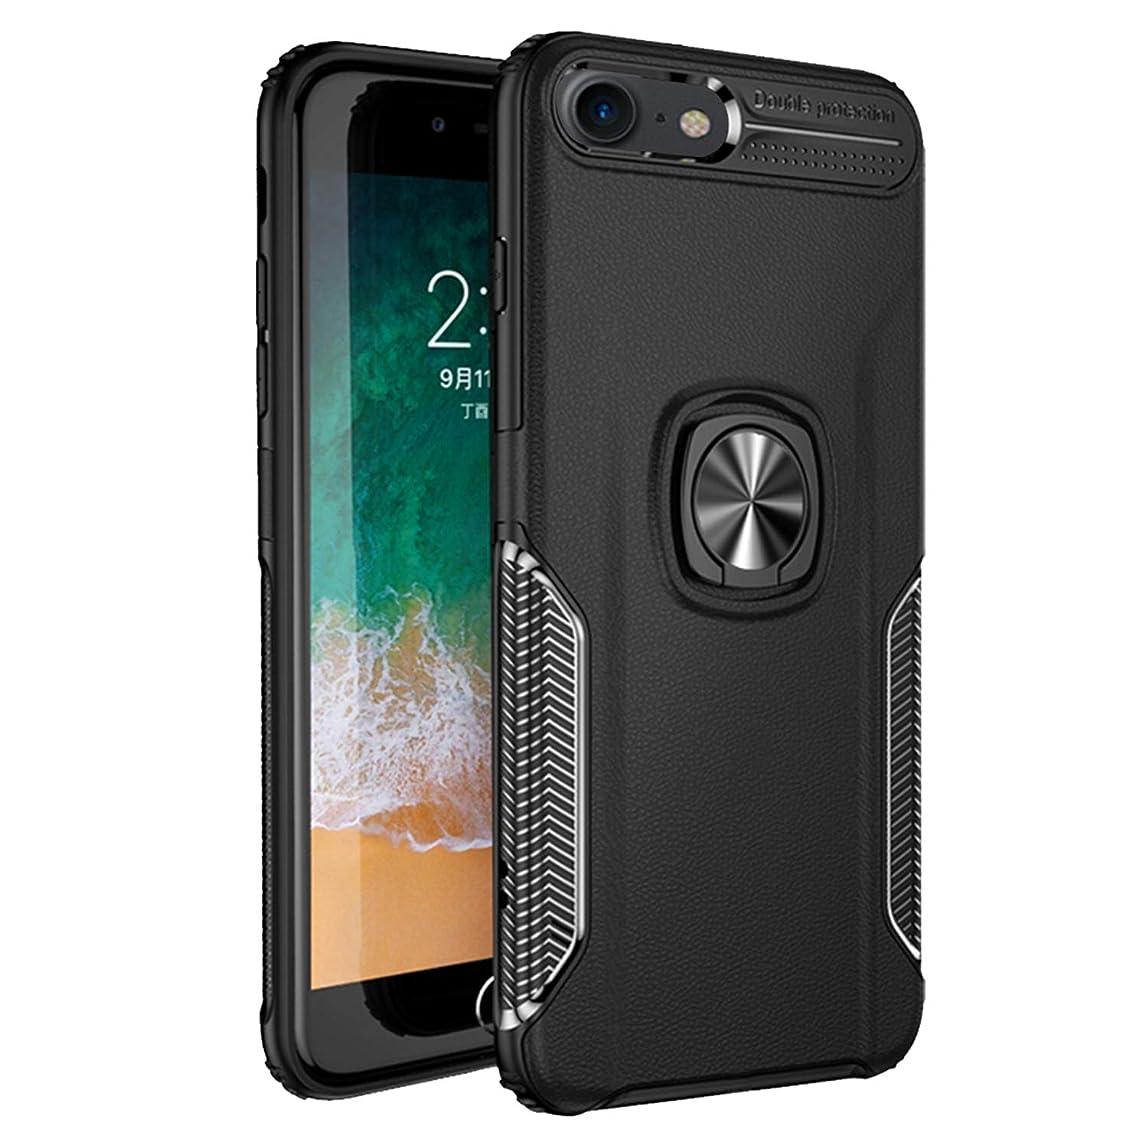 競争力のあるバッフル端iPhone8 ケース/iPhone7 ケース リング スリム スマホケース 耐衝撃 ストラップホール車載ホルダー対応 米軍規格 軽量 薄型 全面保護カバー 操作便利 黄変防止 一体型 人気 アイフォン 8 ケース/アイフォン 7 ケース 携帯カバー 黒